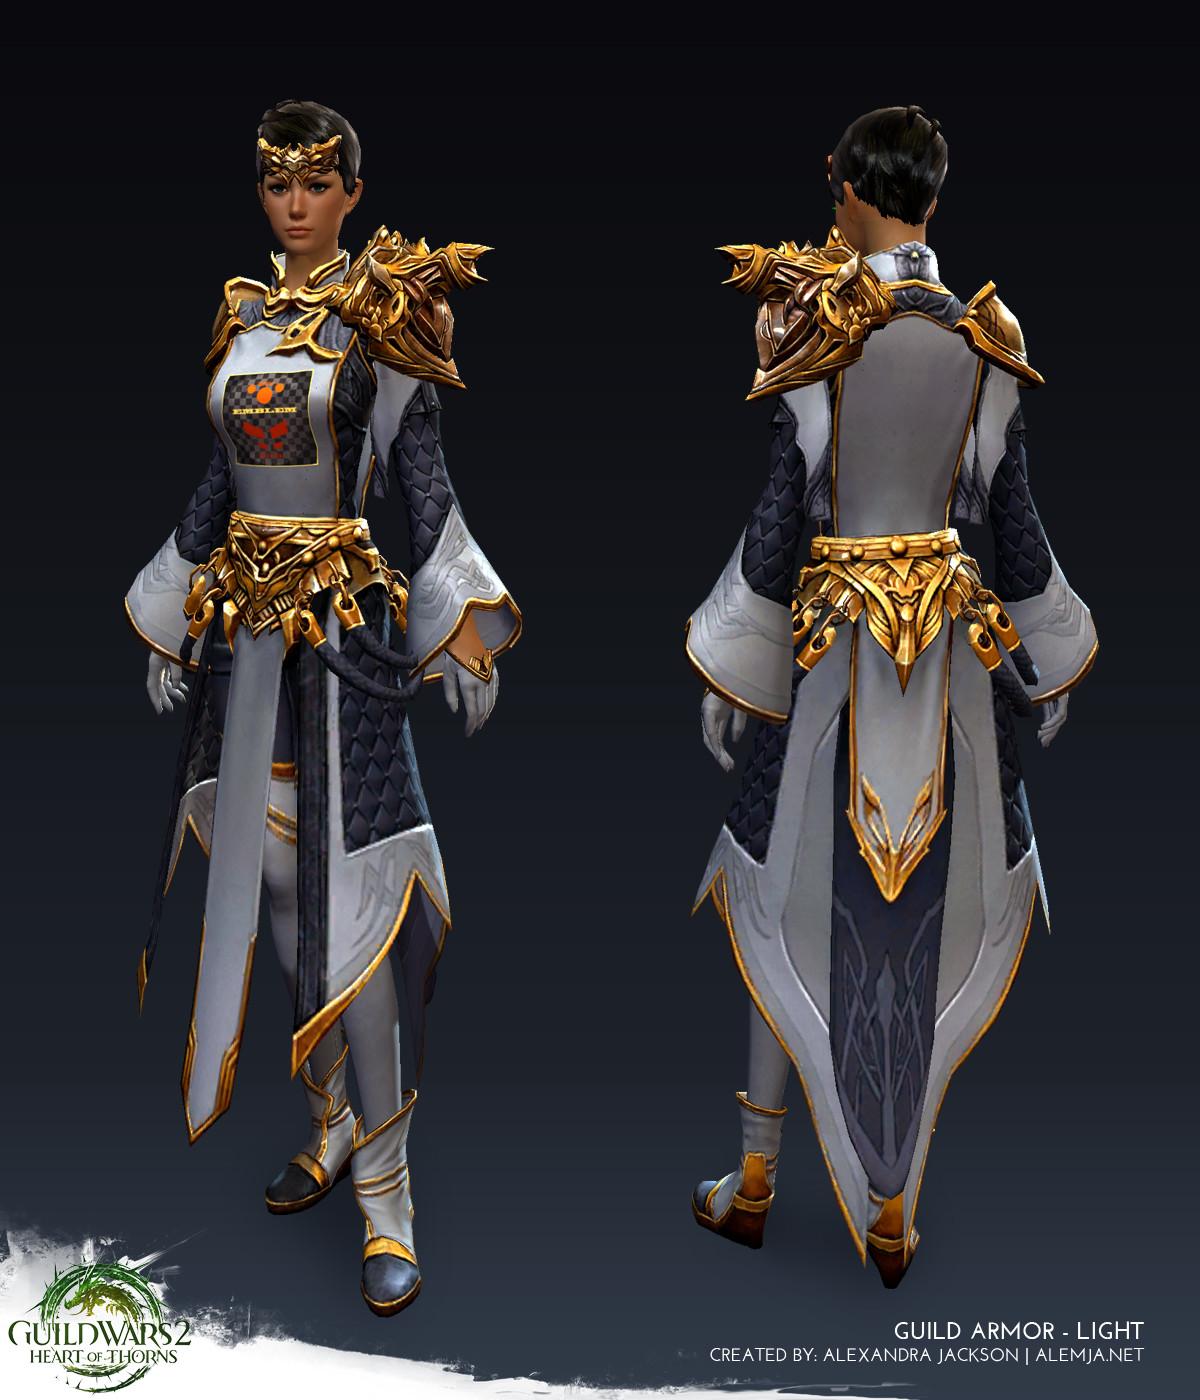 Guild Wars 2: Heart of Thorns - Light Female Guild Armor